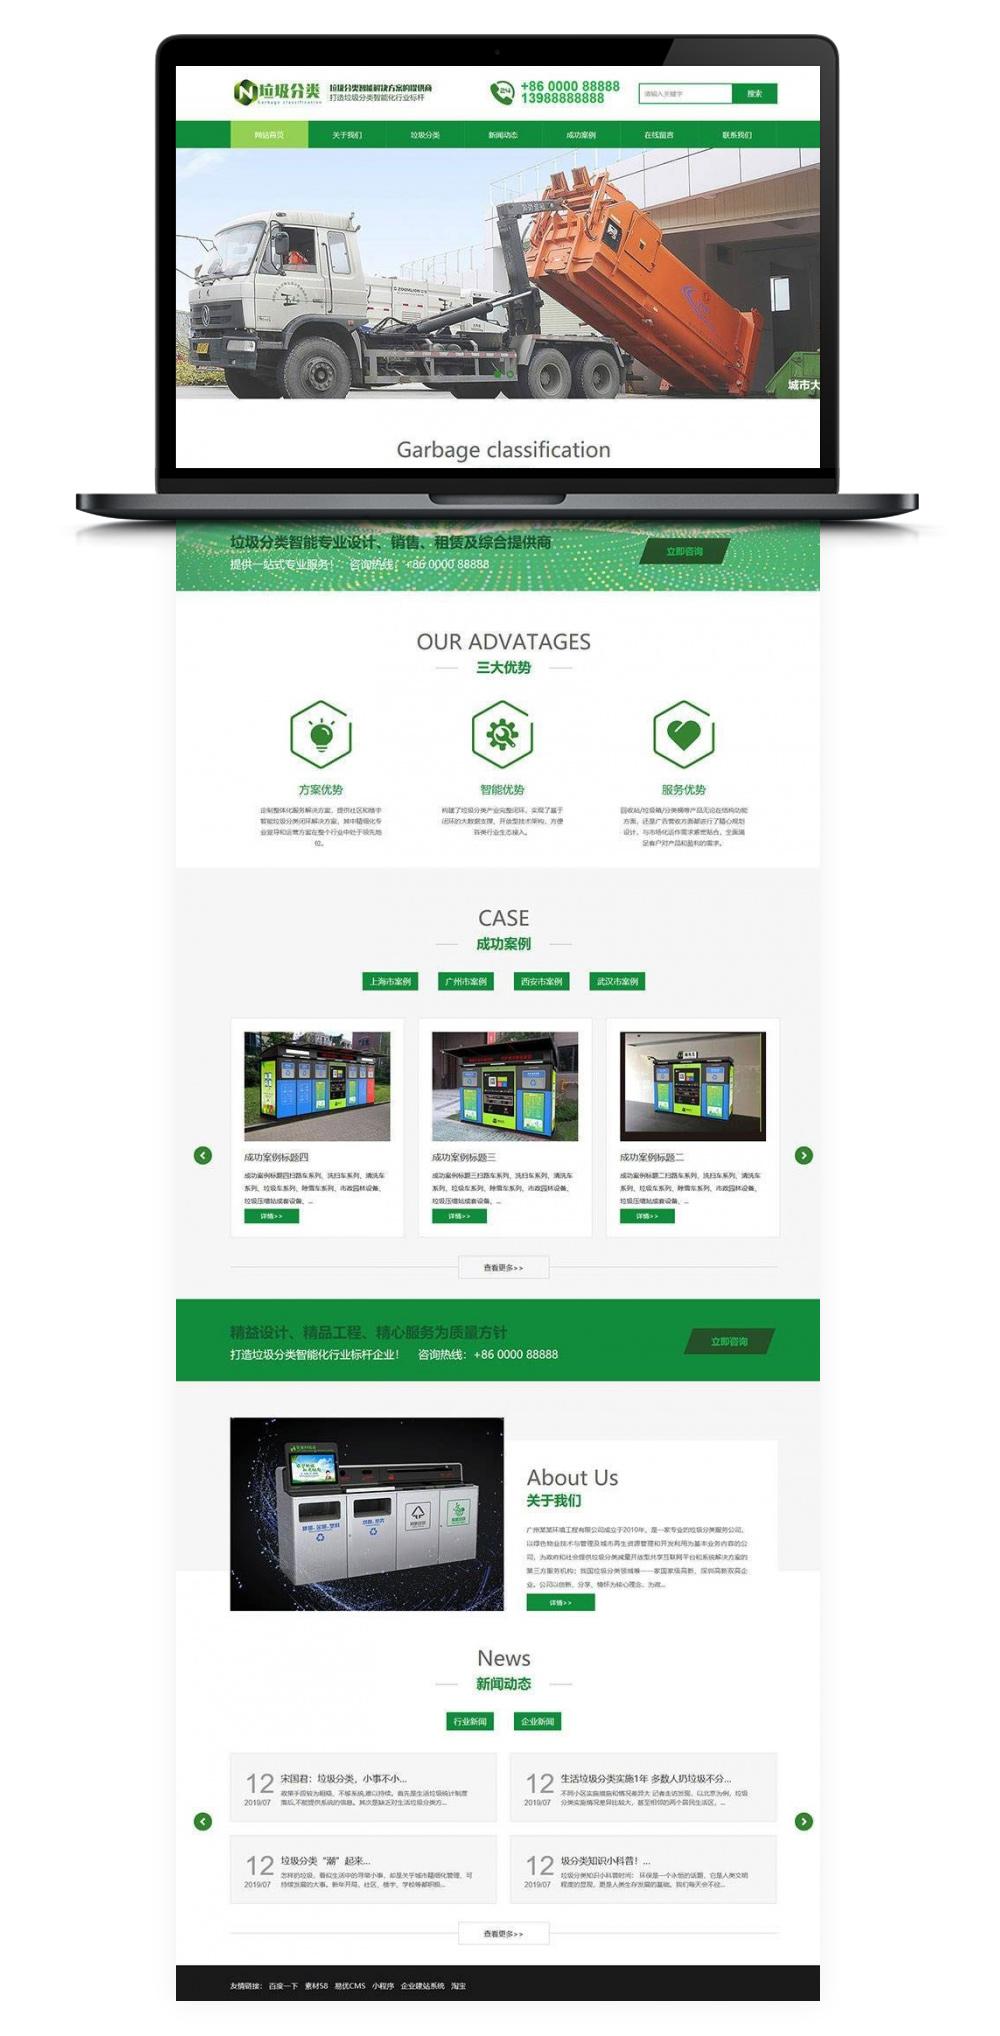 【织梦垃圾分类网站模板】HTML5绿色风格垃圾分类企业网站源码[dedecms内核]-蓝汇源码